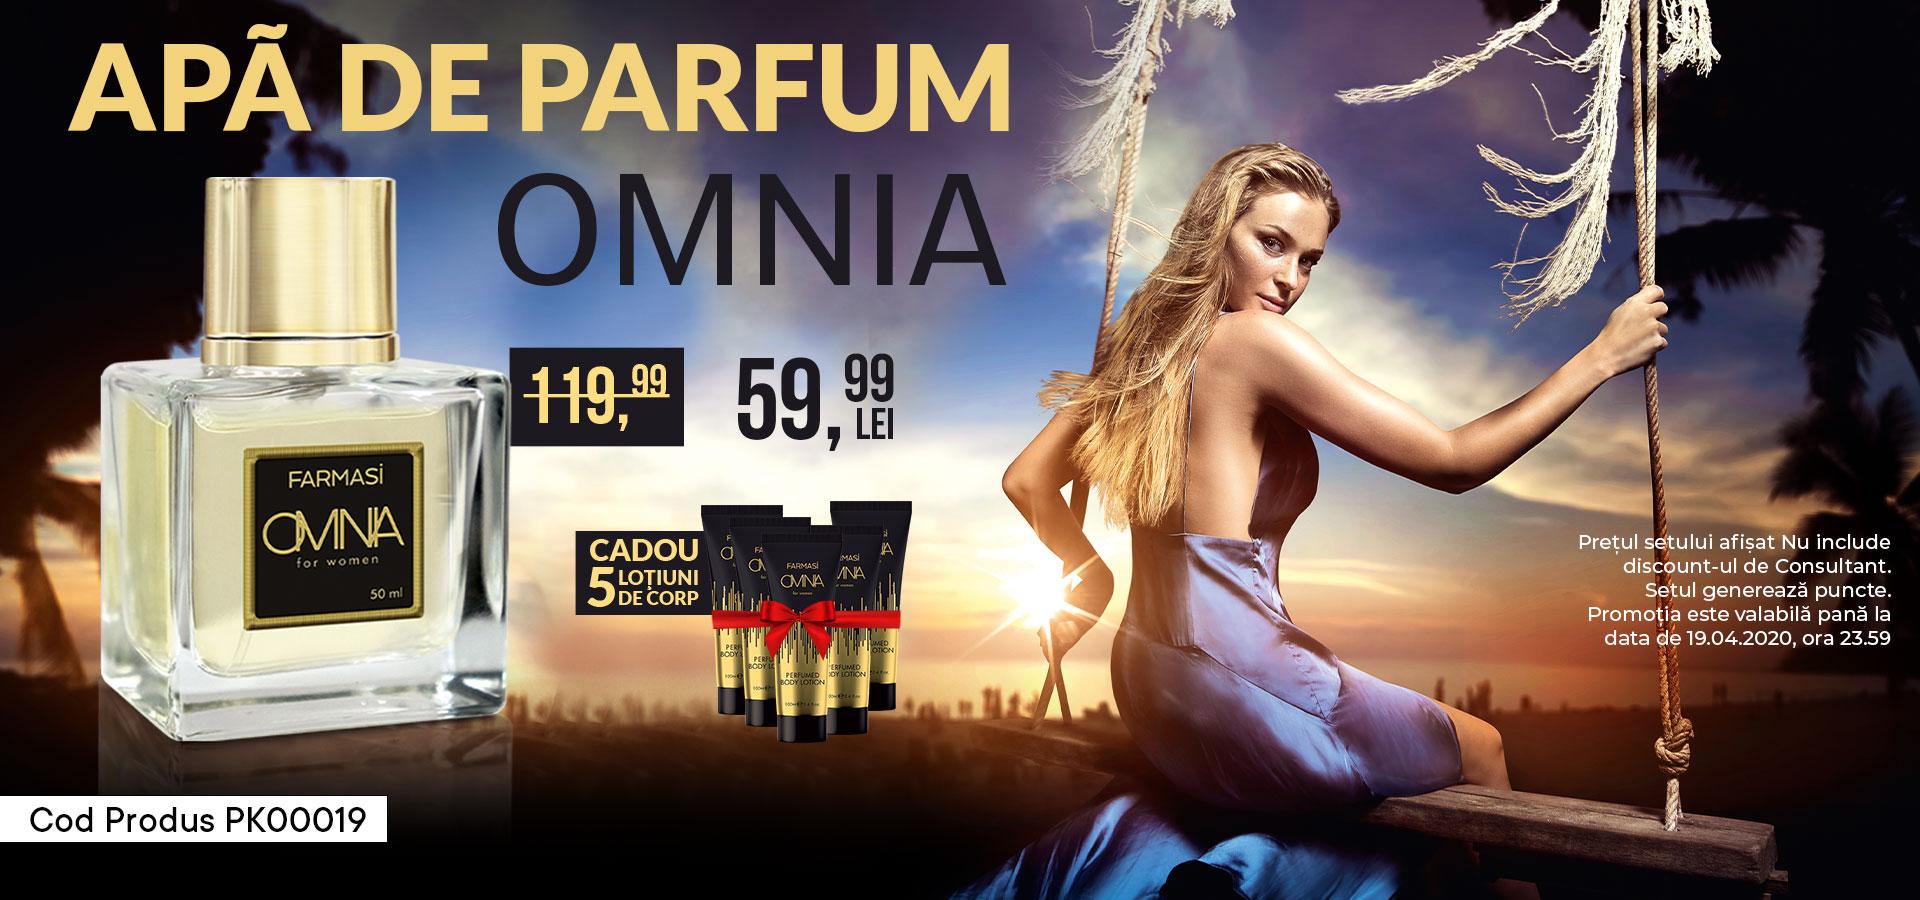 Apa parfum Omnia